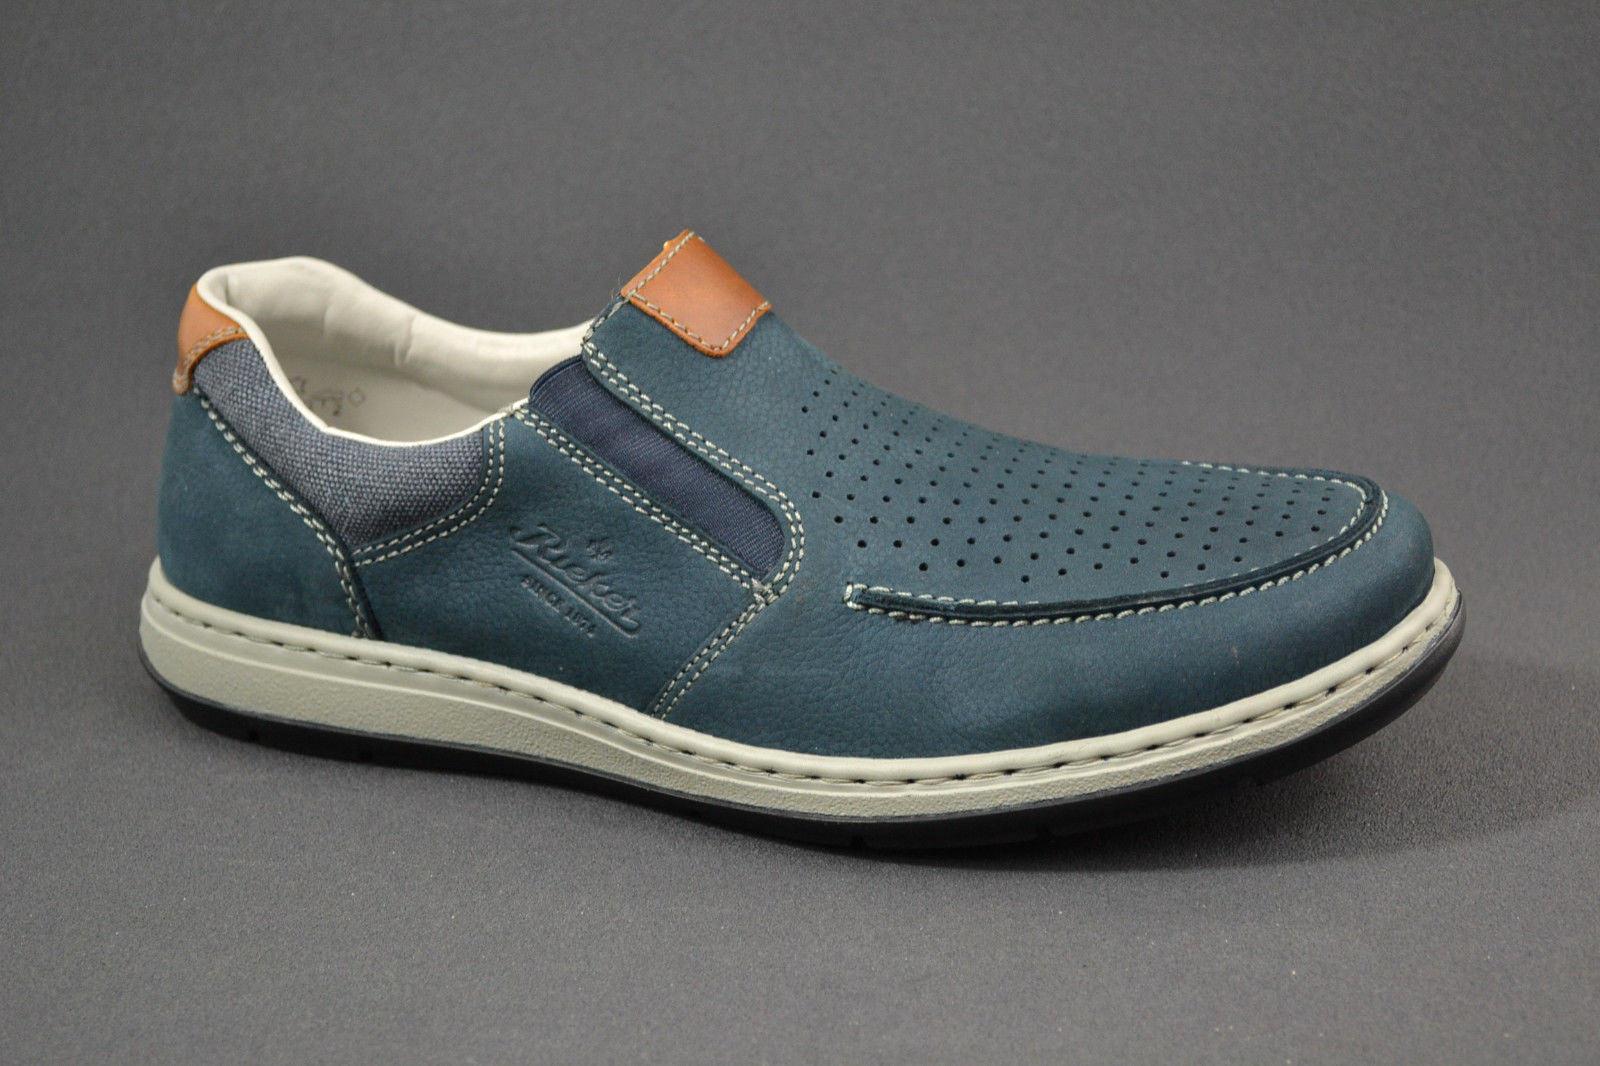 RIEKER Herren Schuhe comfort Slipper blau REDUZIERT Leder extra weit NEU REDUZIERT blau 17356 dac651